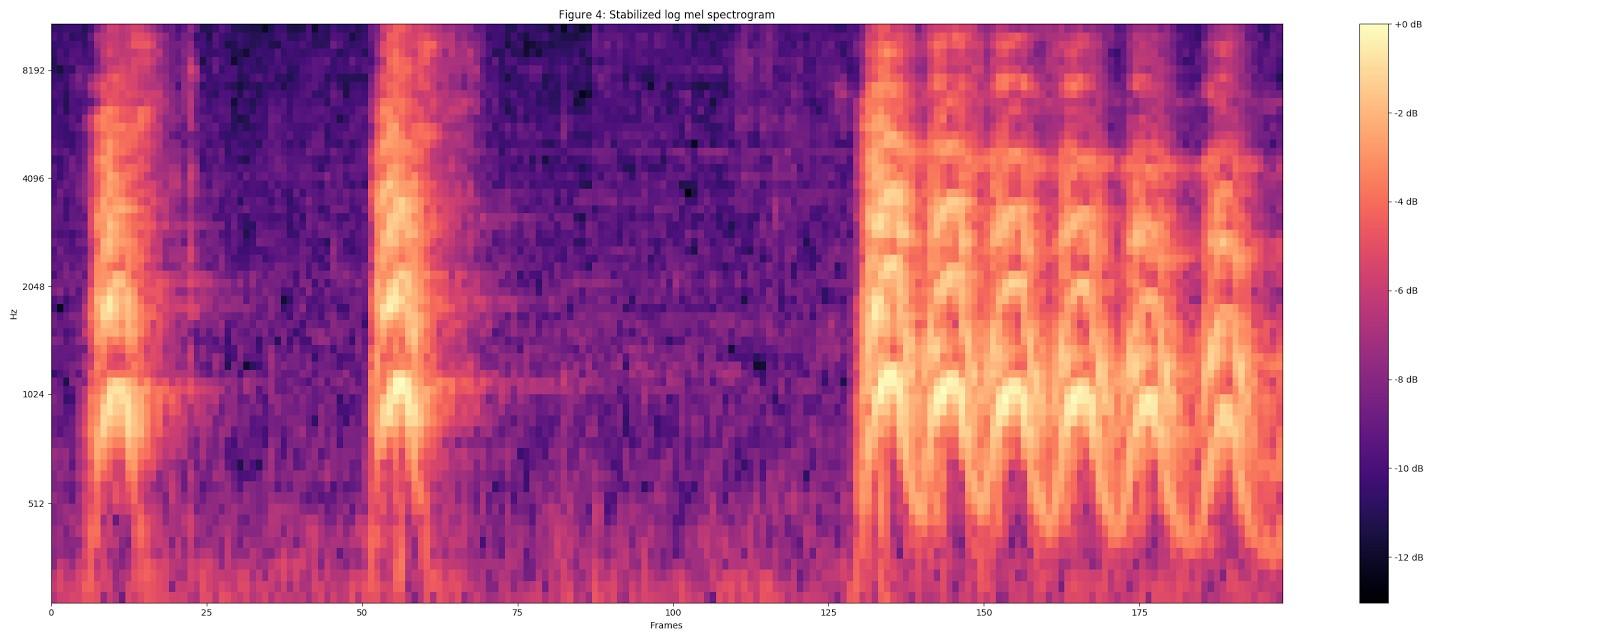 Классификация звуков с помощью TensorFlow - 9